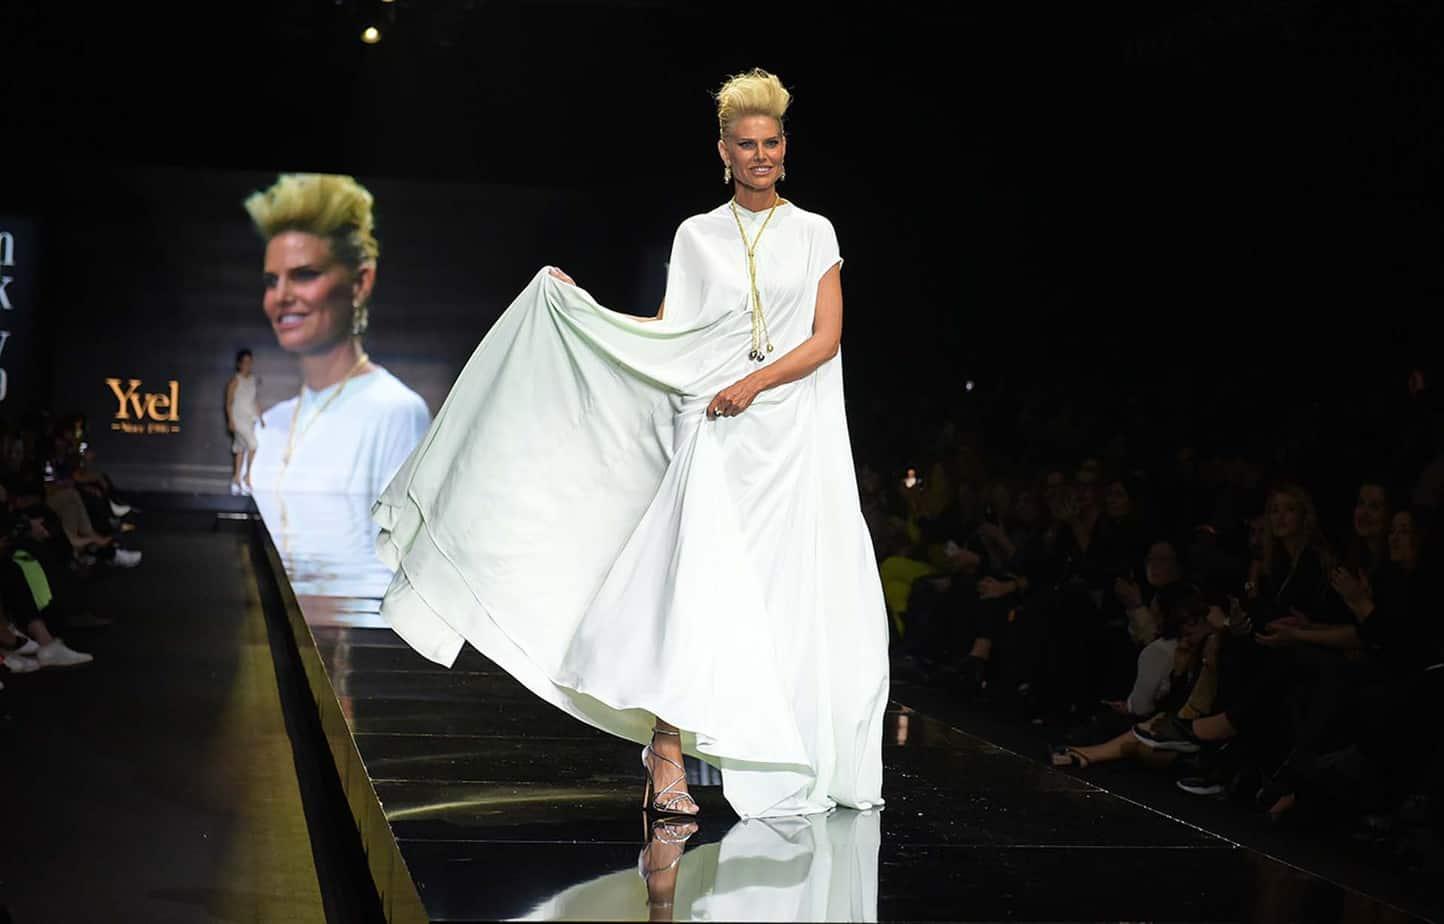 שלי גפני. רוח נשית. שבוע האופנה תל אביב 2019. צילום סרג'ו סטרודובצב - 4